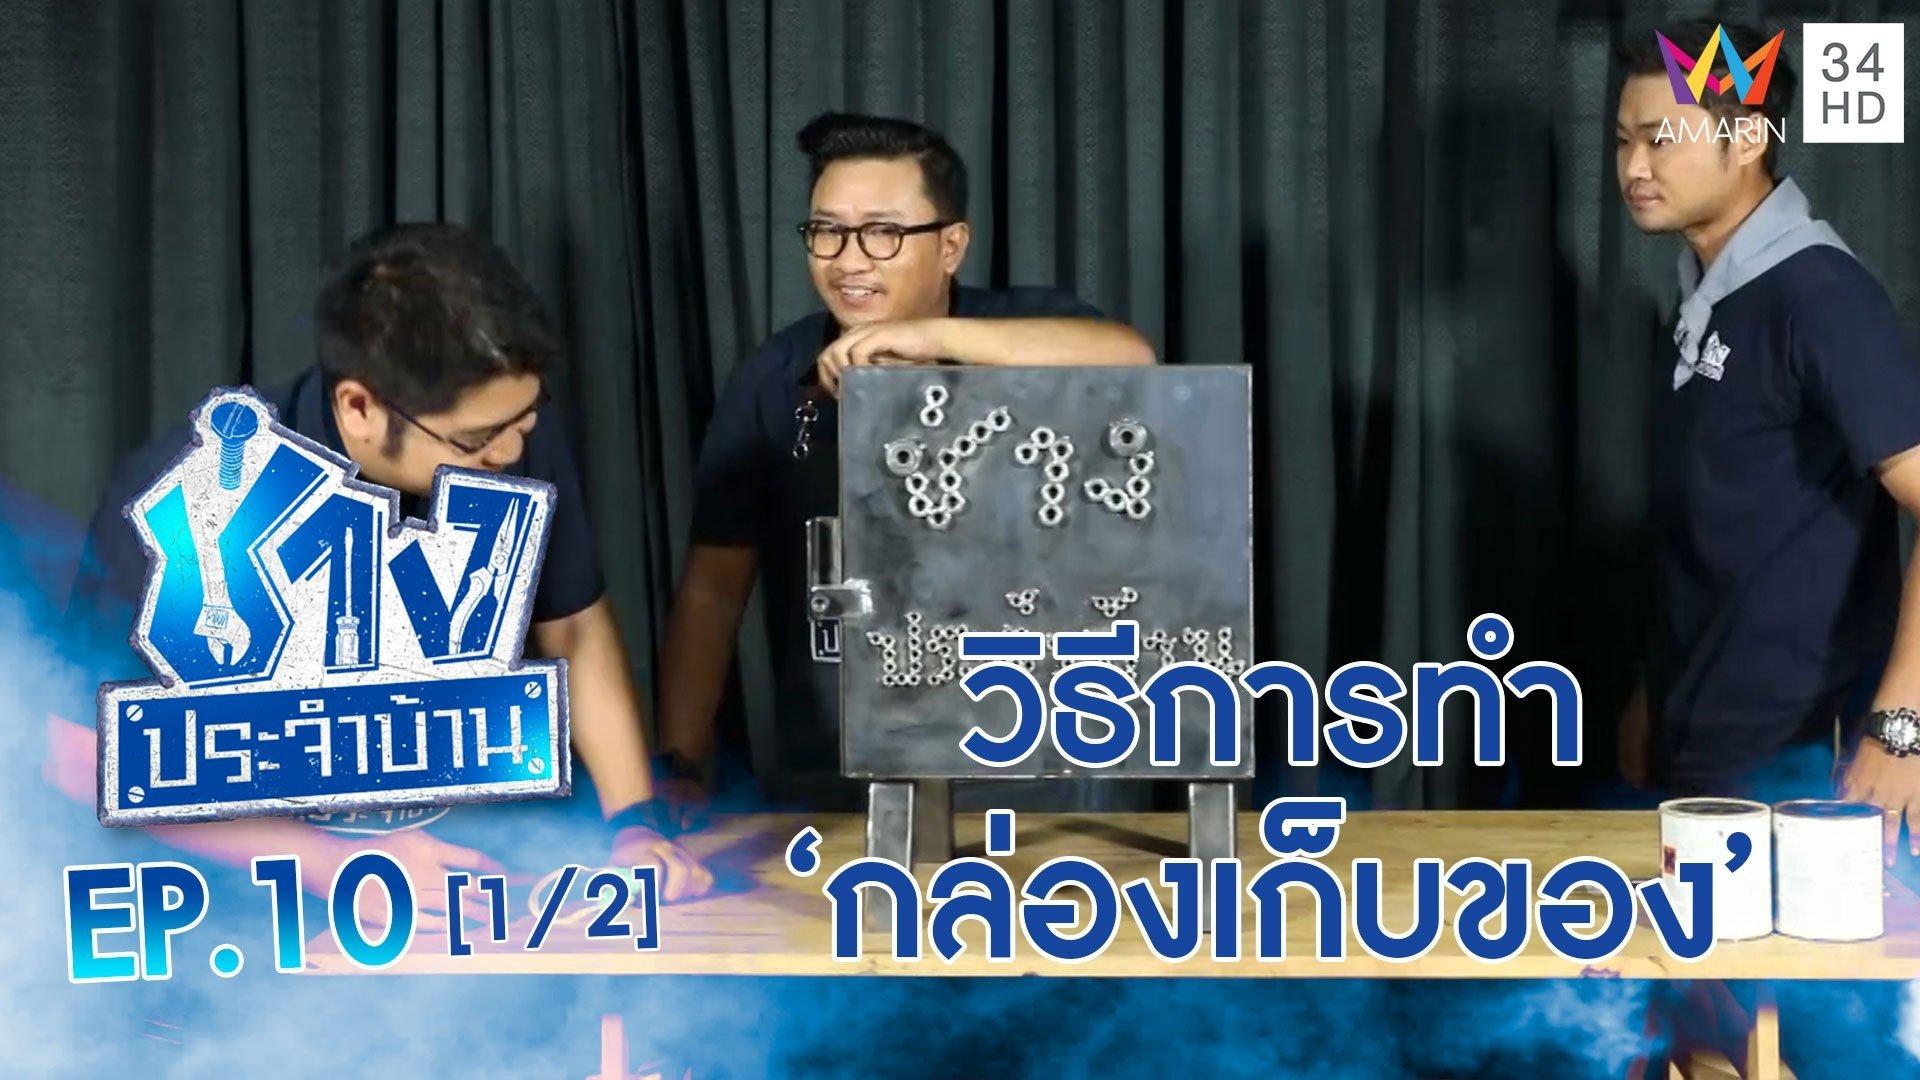 """ช่างประจำบ้าน   EP.10 วิธีการทำ """"กล่องเก็บของ"""" ด้วยการนำเศษเหล็ก (1/2)   4 เม.ย. 63   AMARIN TVHD34"""